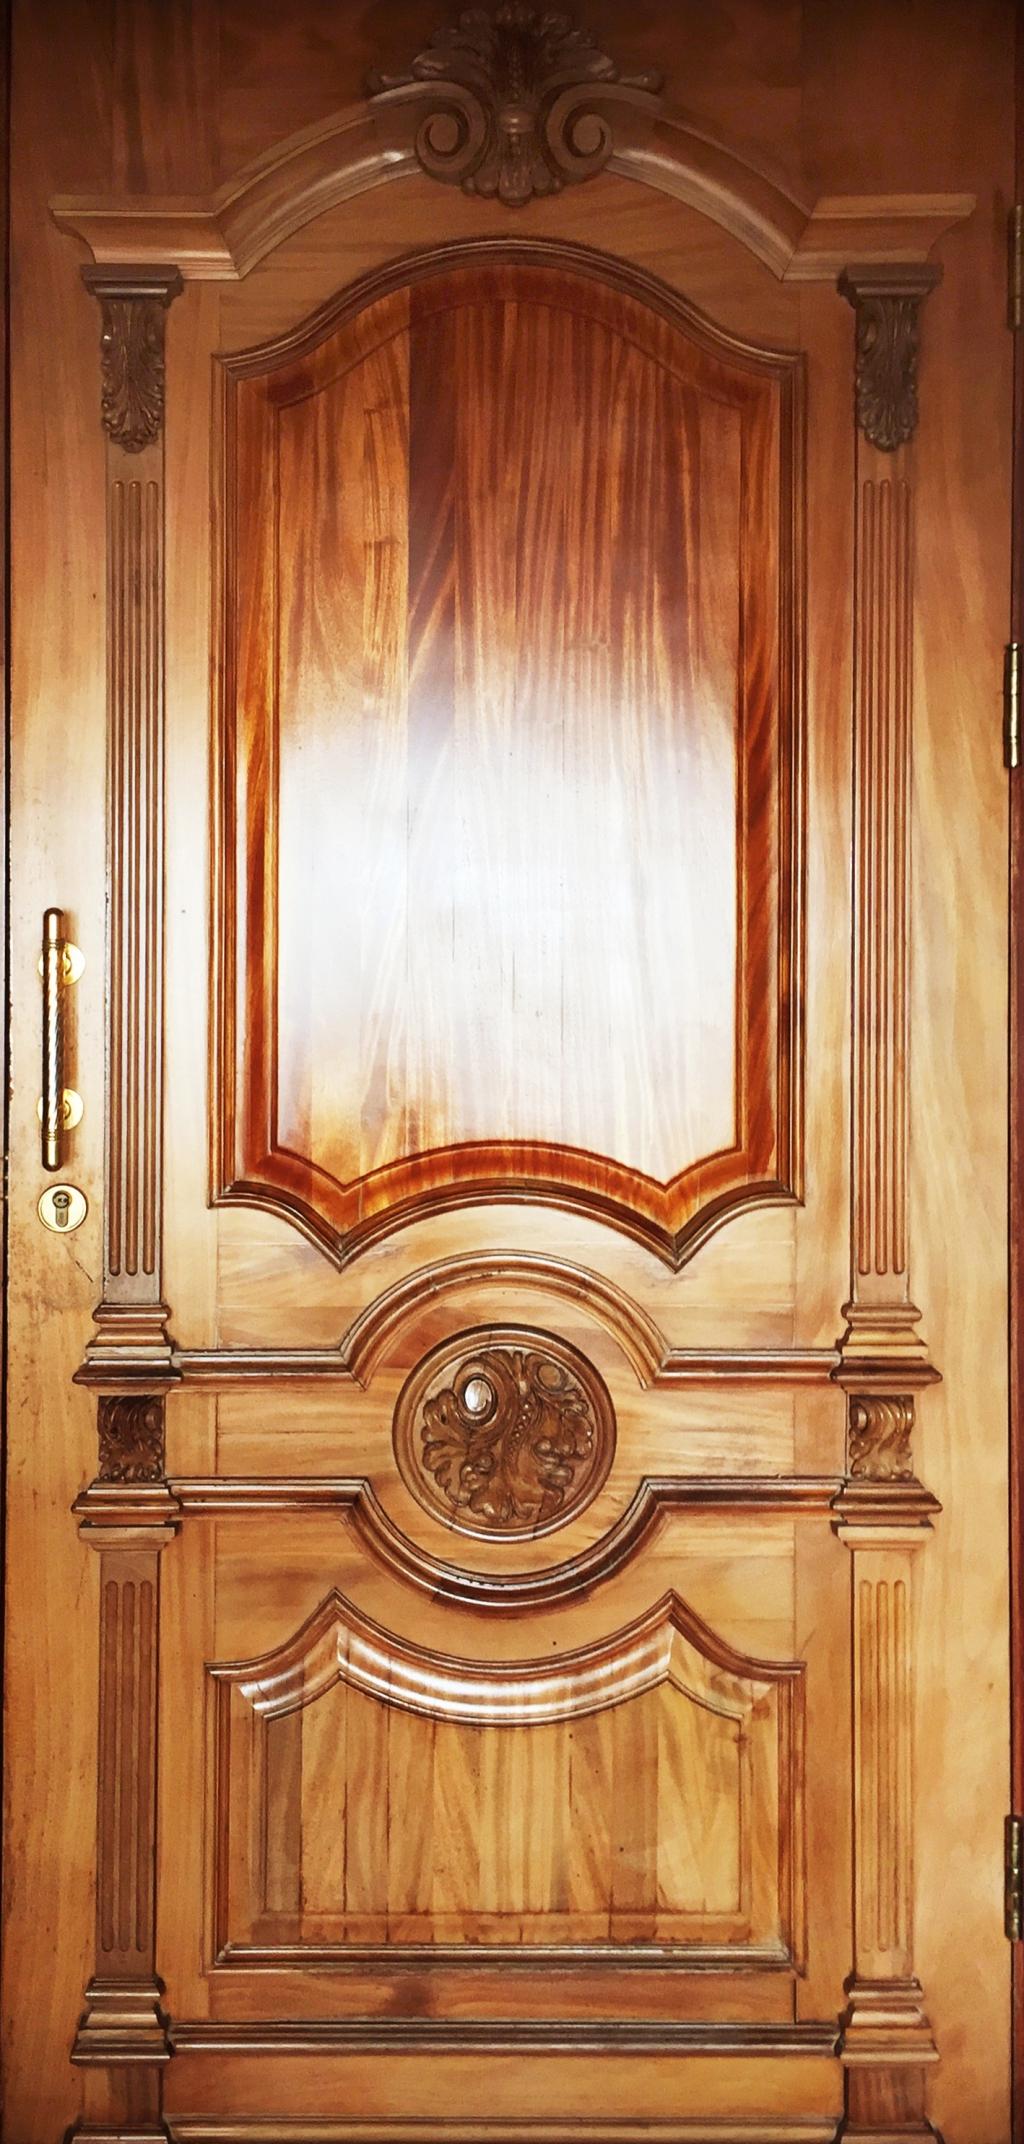 Торговый Дом Экспресc Лок - ТМ Paladii отличный производитель дверной фурнитуры